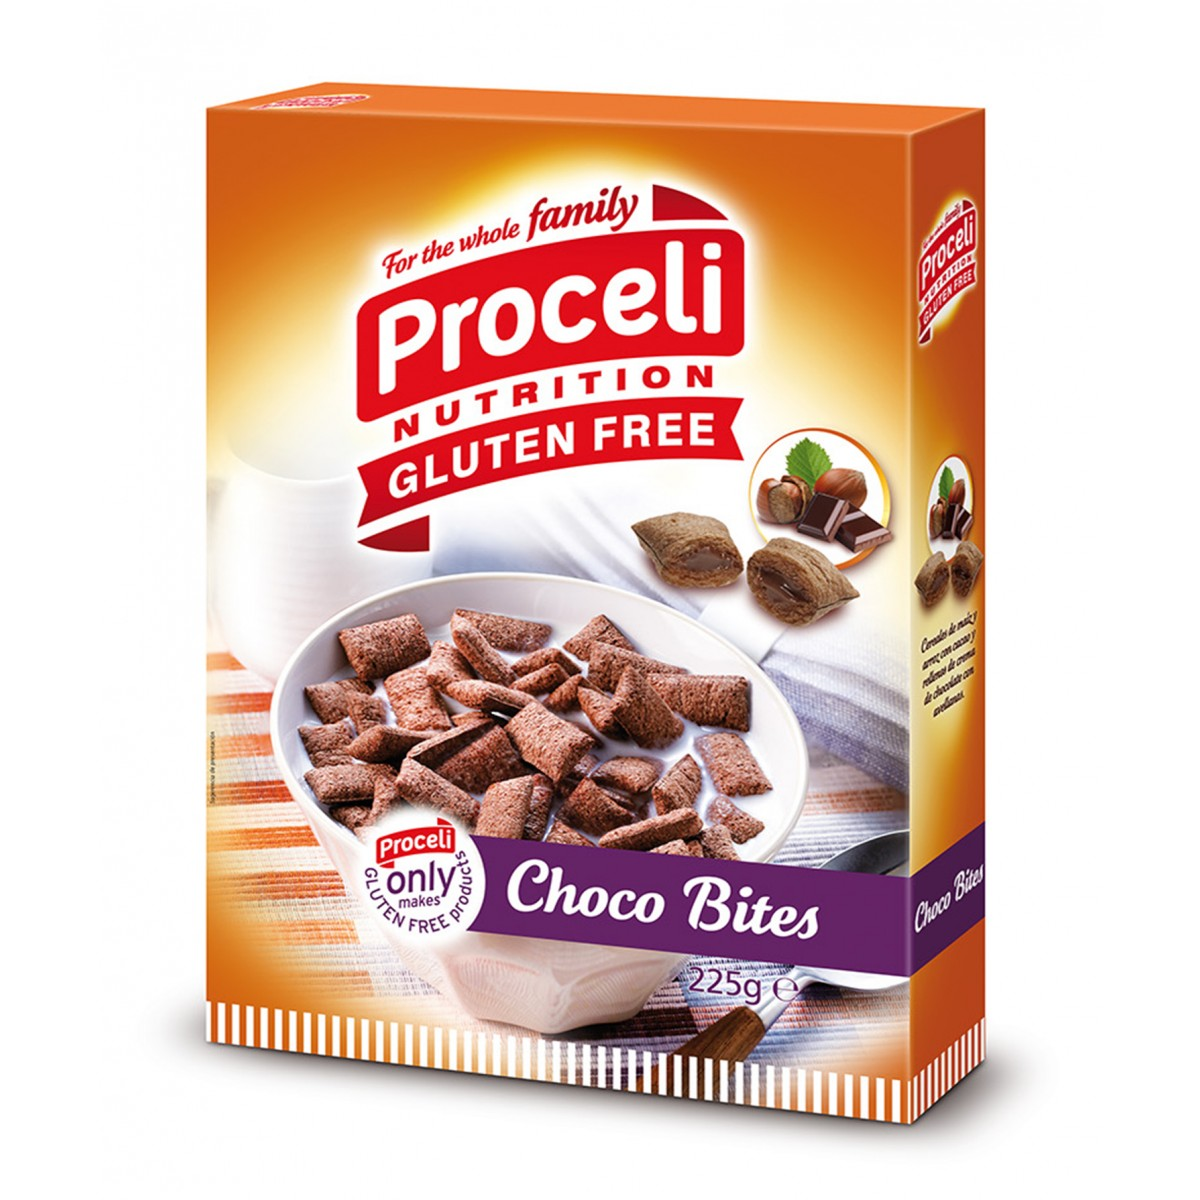 Choco Bites